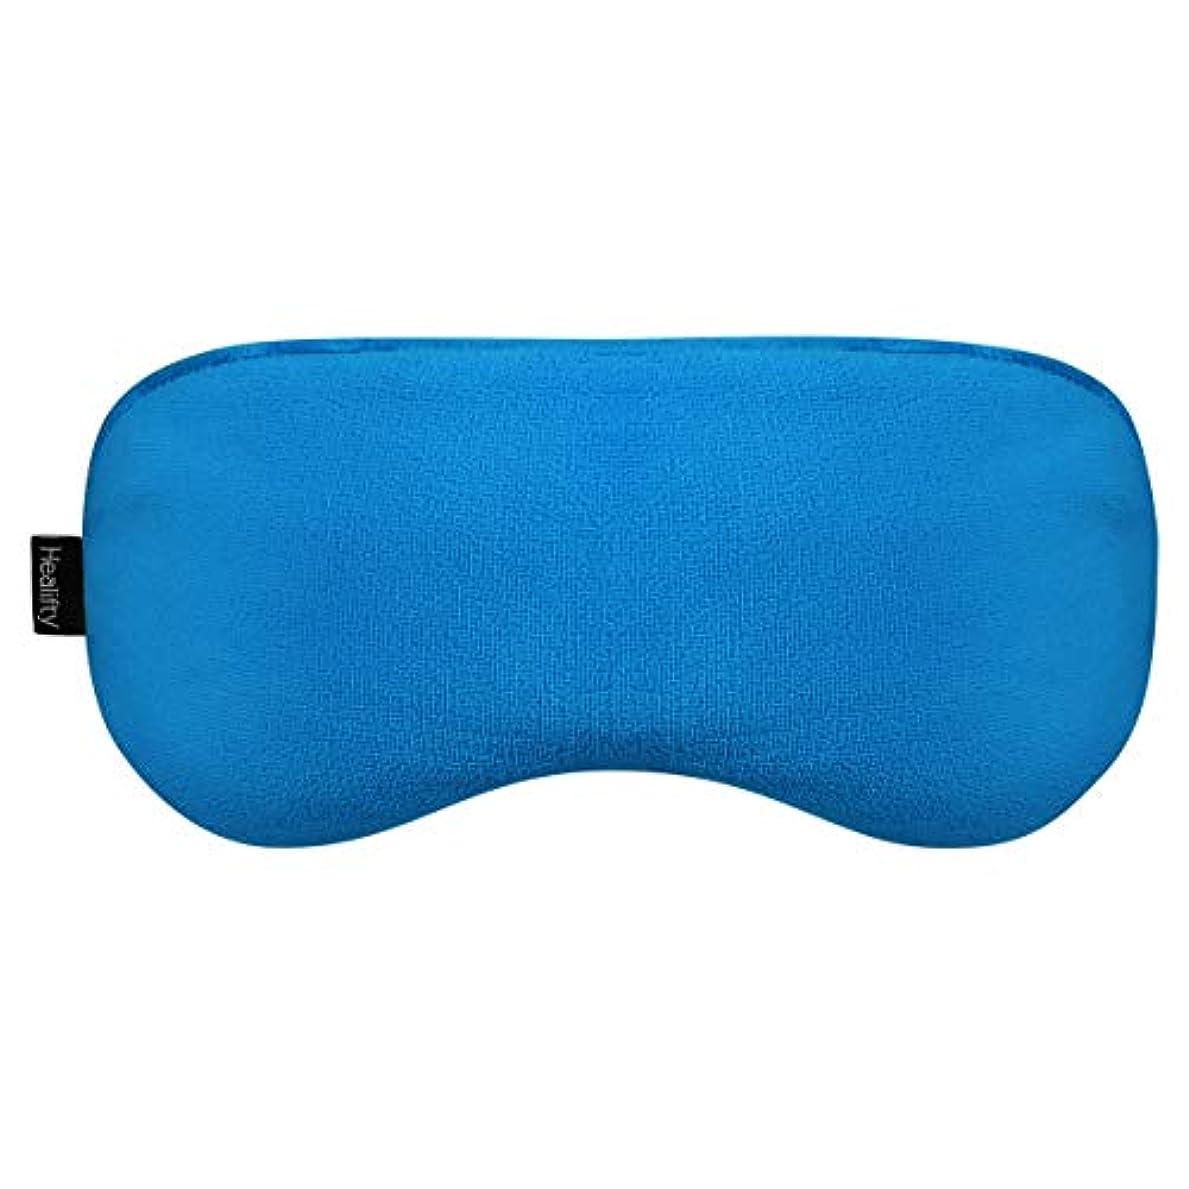 投資する人類バックSUPVOX ホーム旅行のための温かいアイマスクポータブル睡眠マスクマッサージヘルスケア(青)